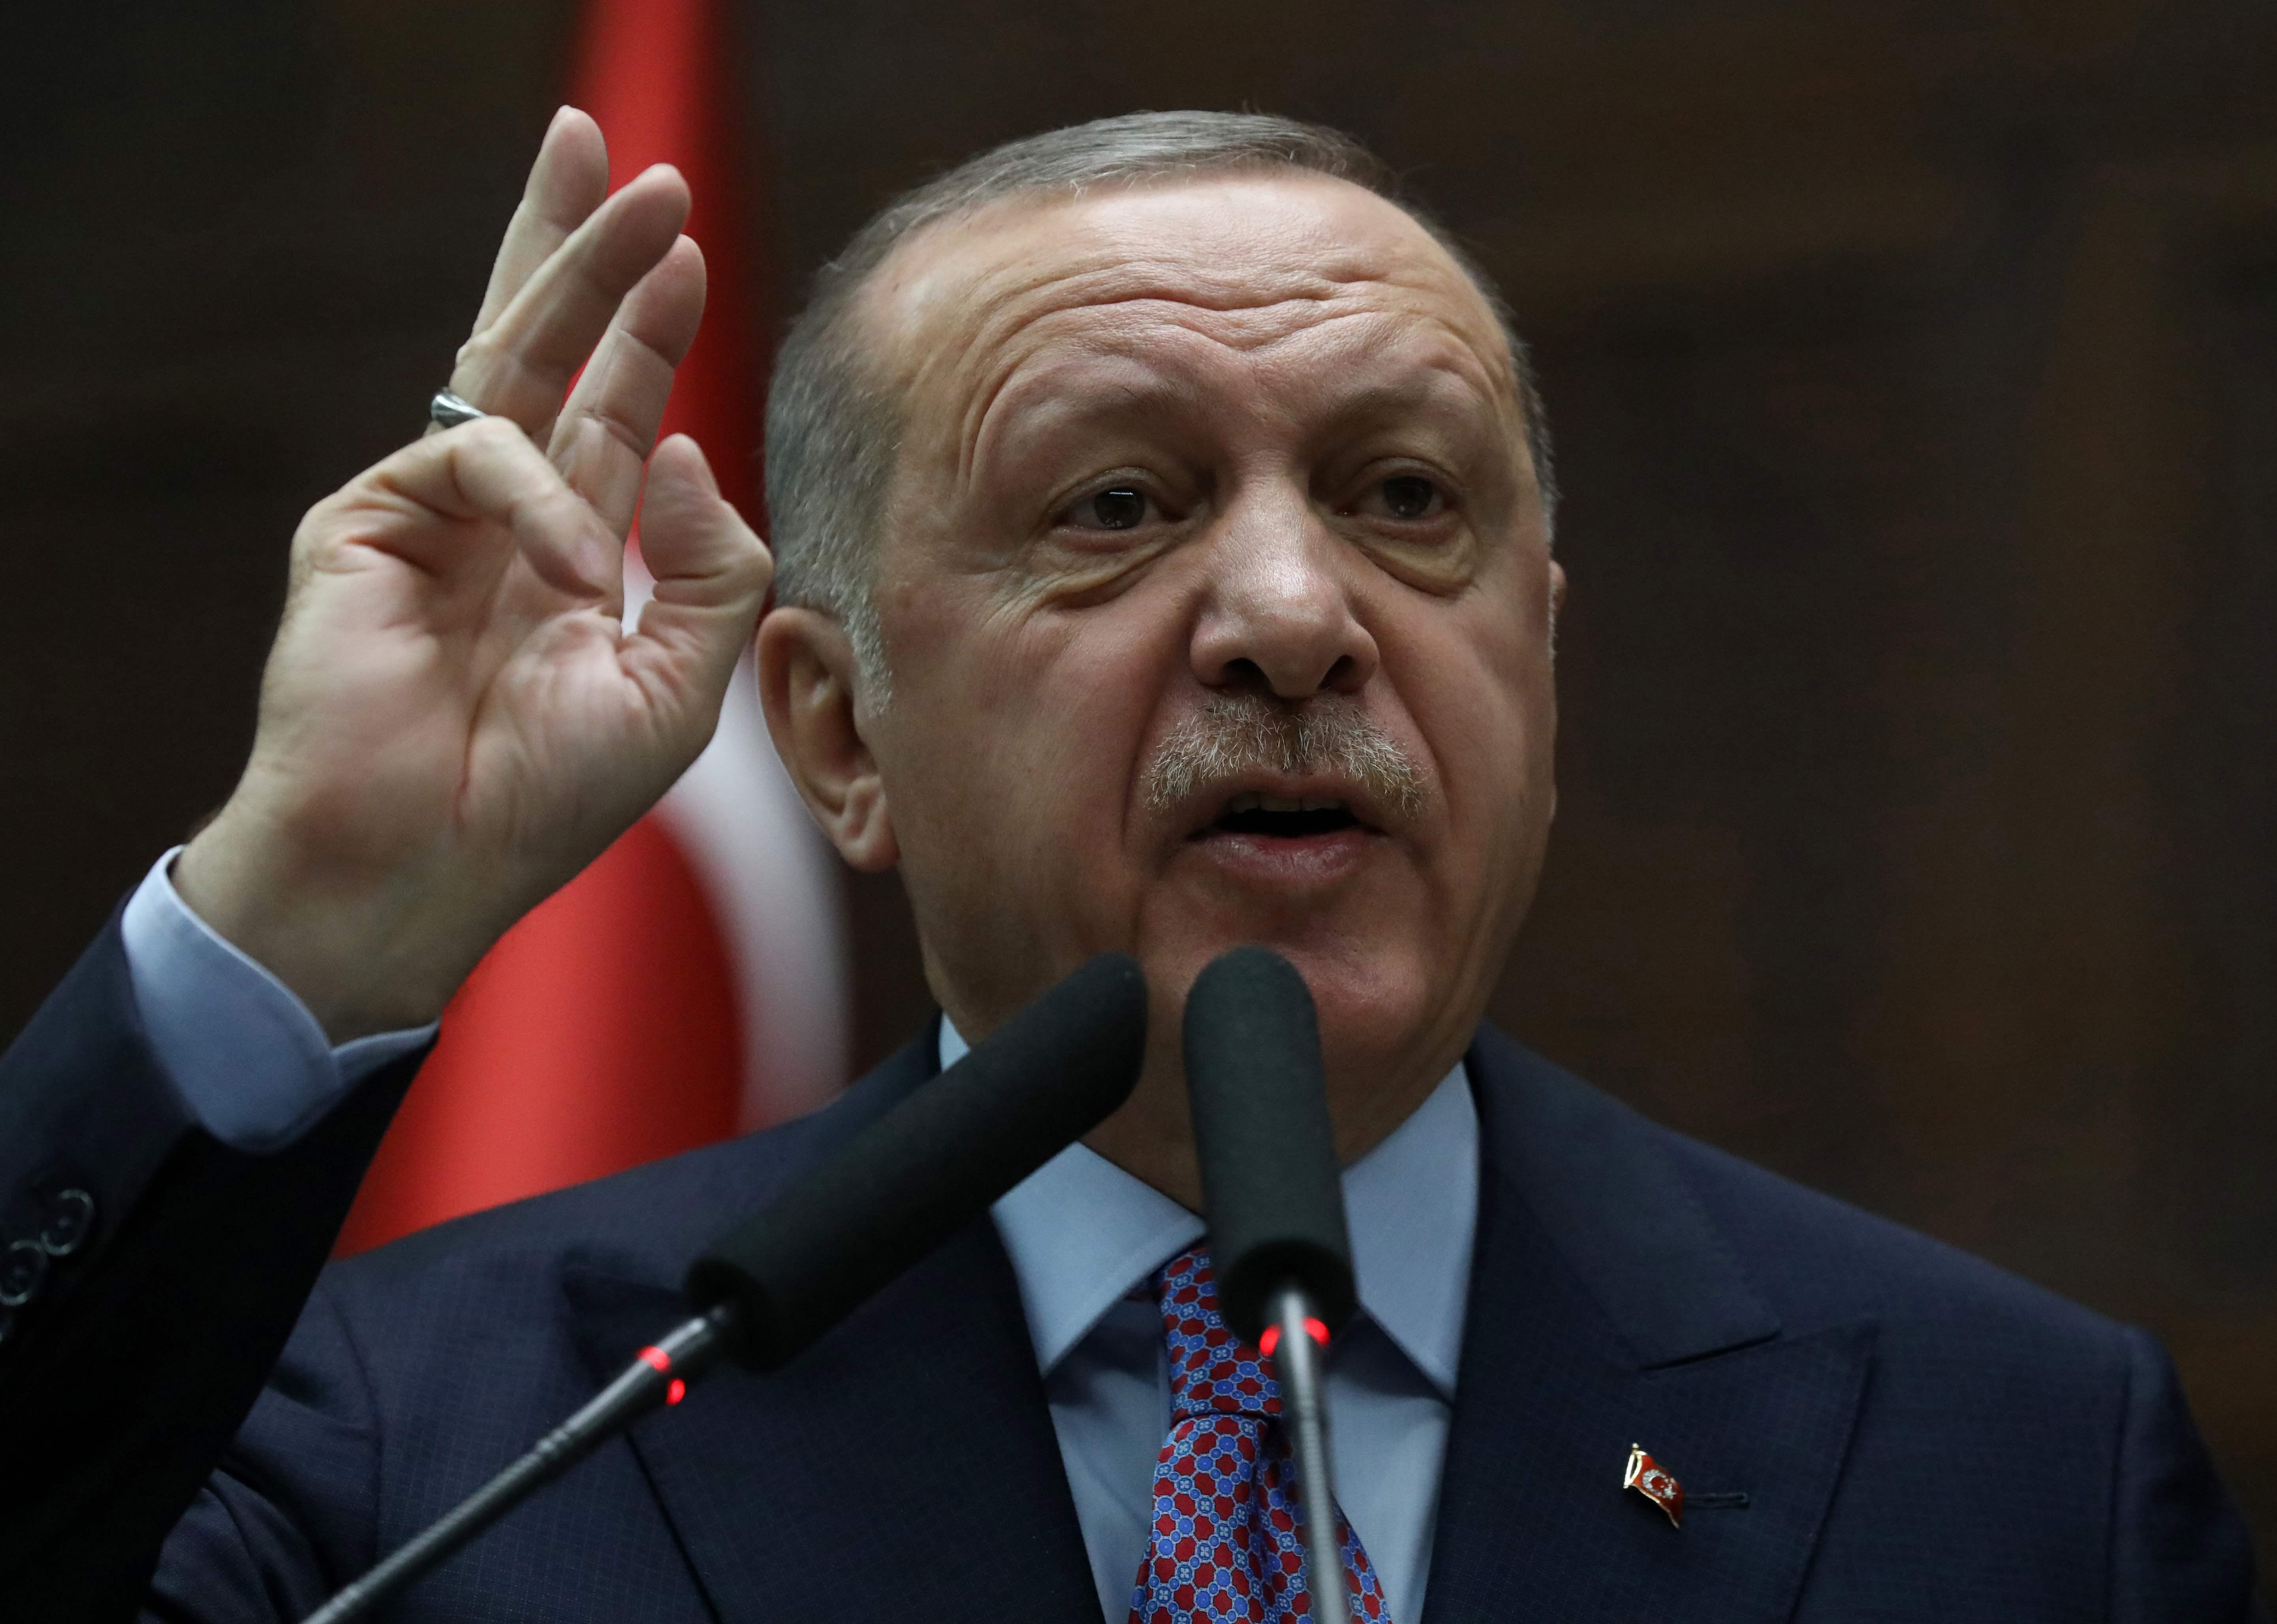 La Turquie ne stoppera plus les migrants essayant de se rendre en Europe